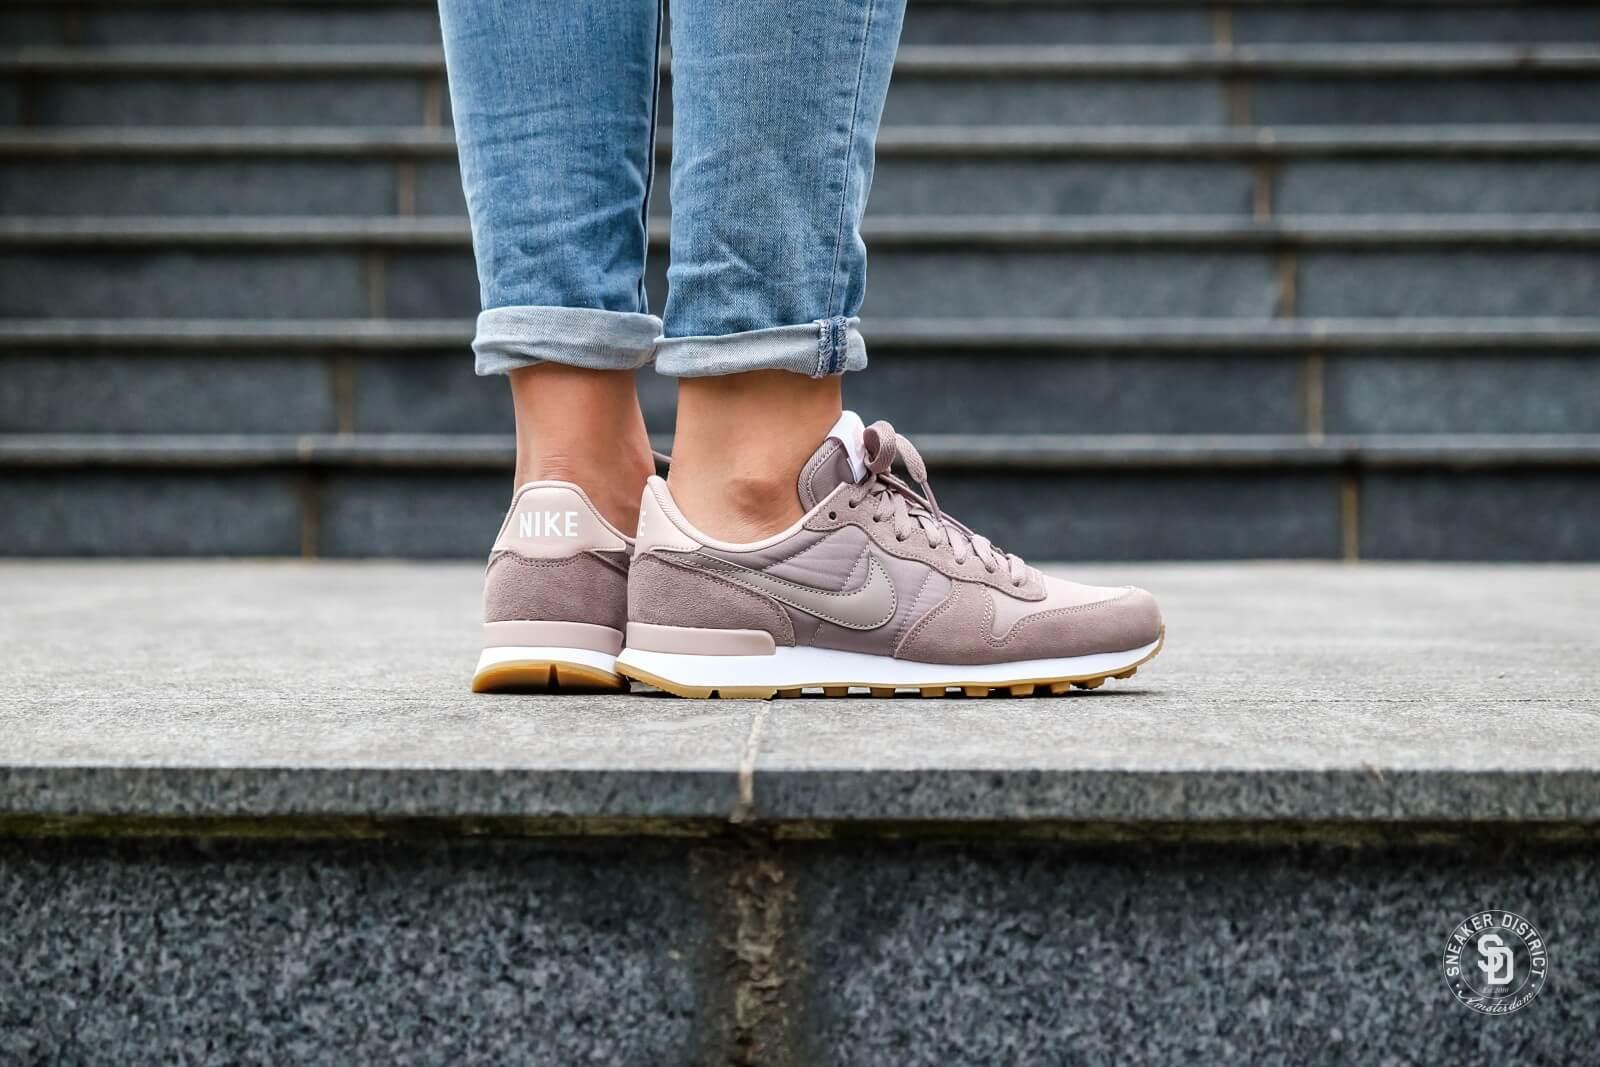 Nike Women's Internationalist Sepia Sneaker District